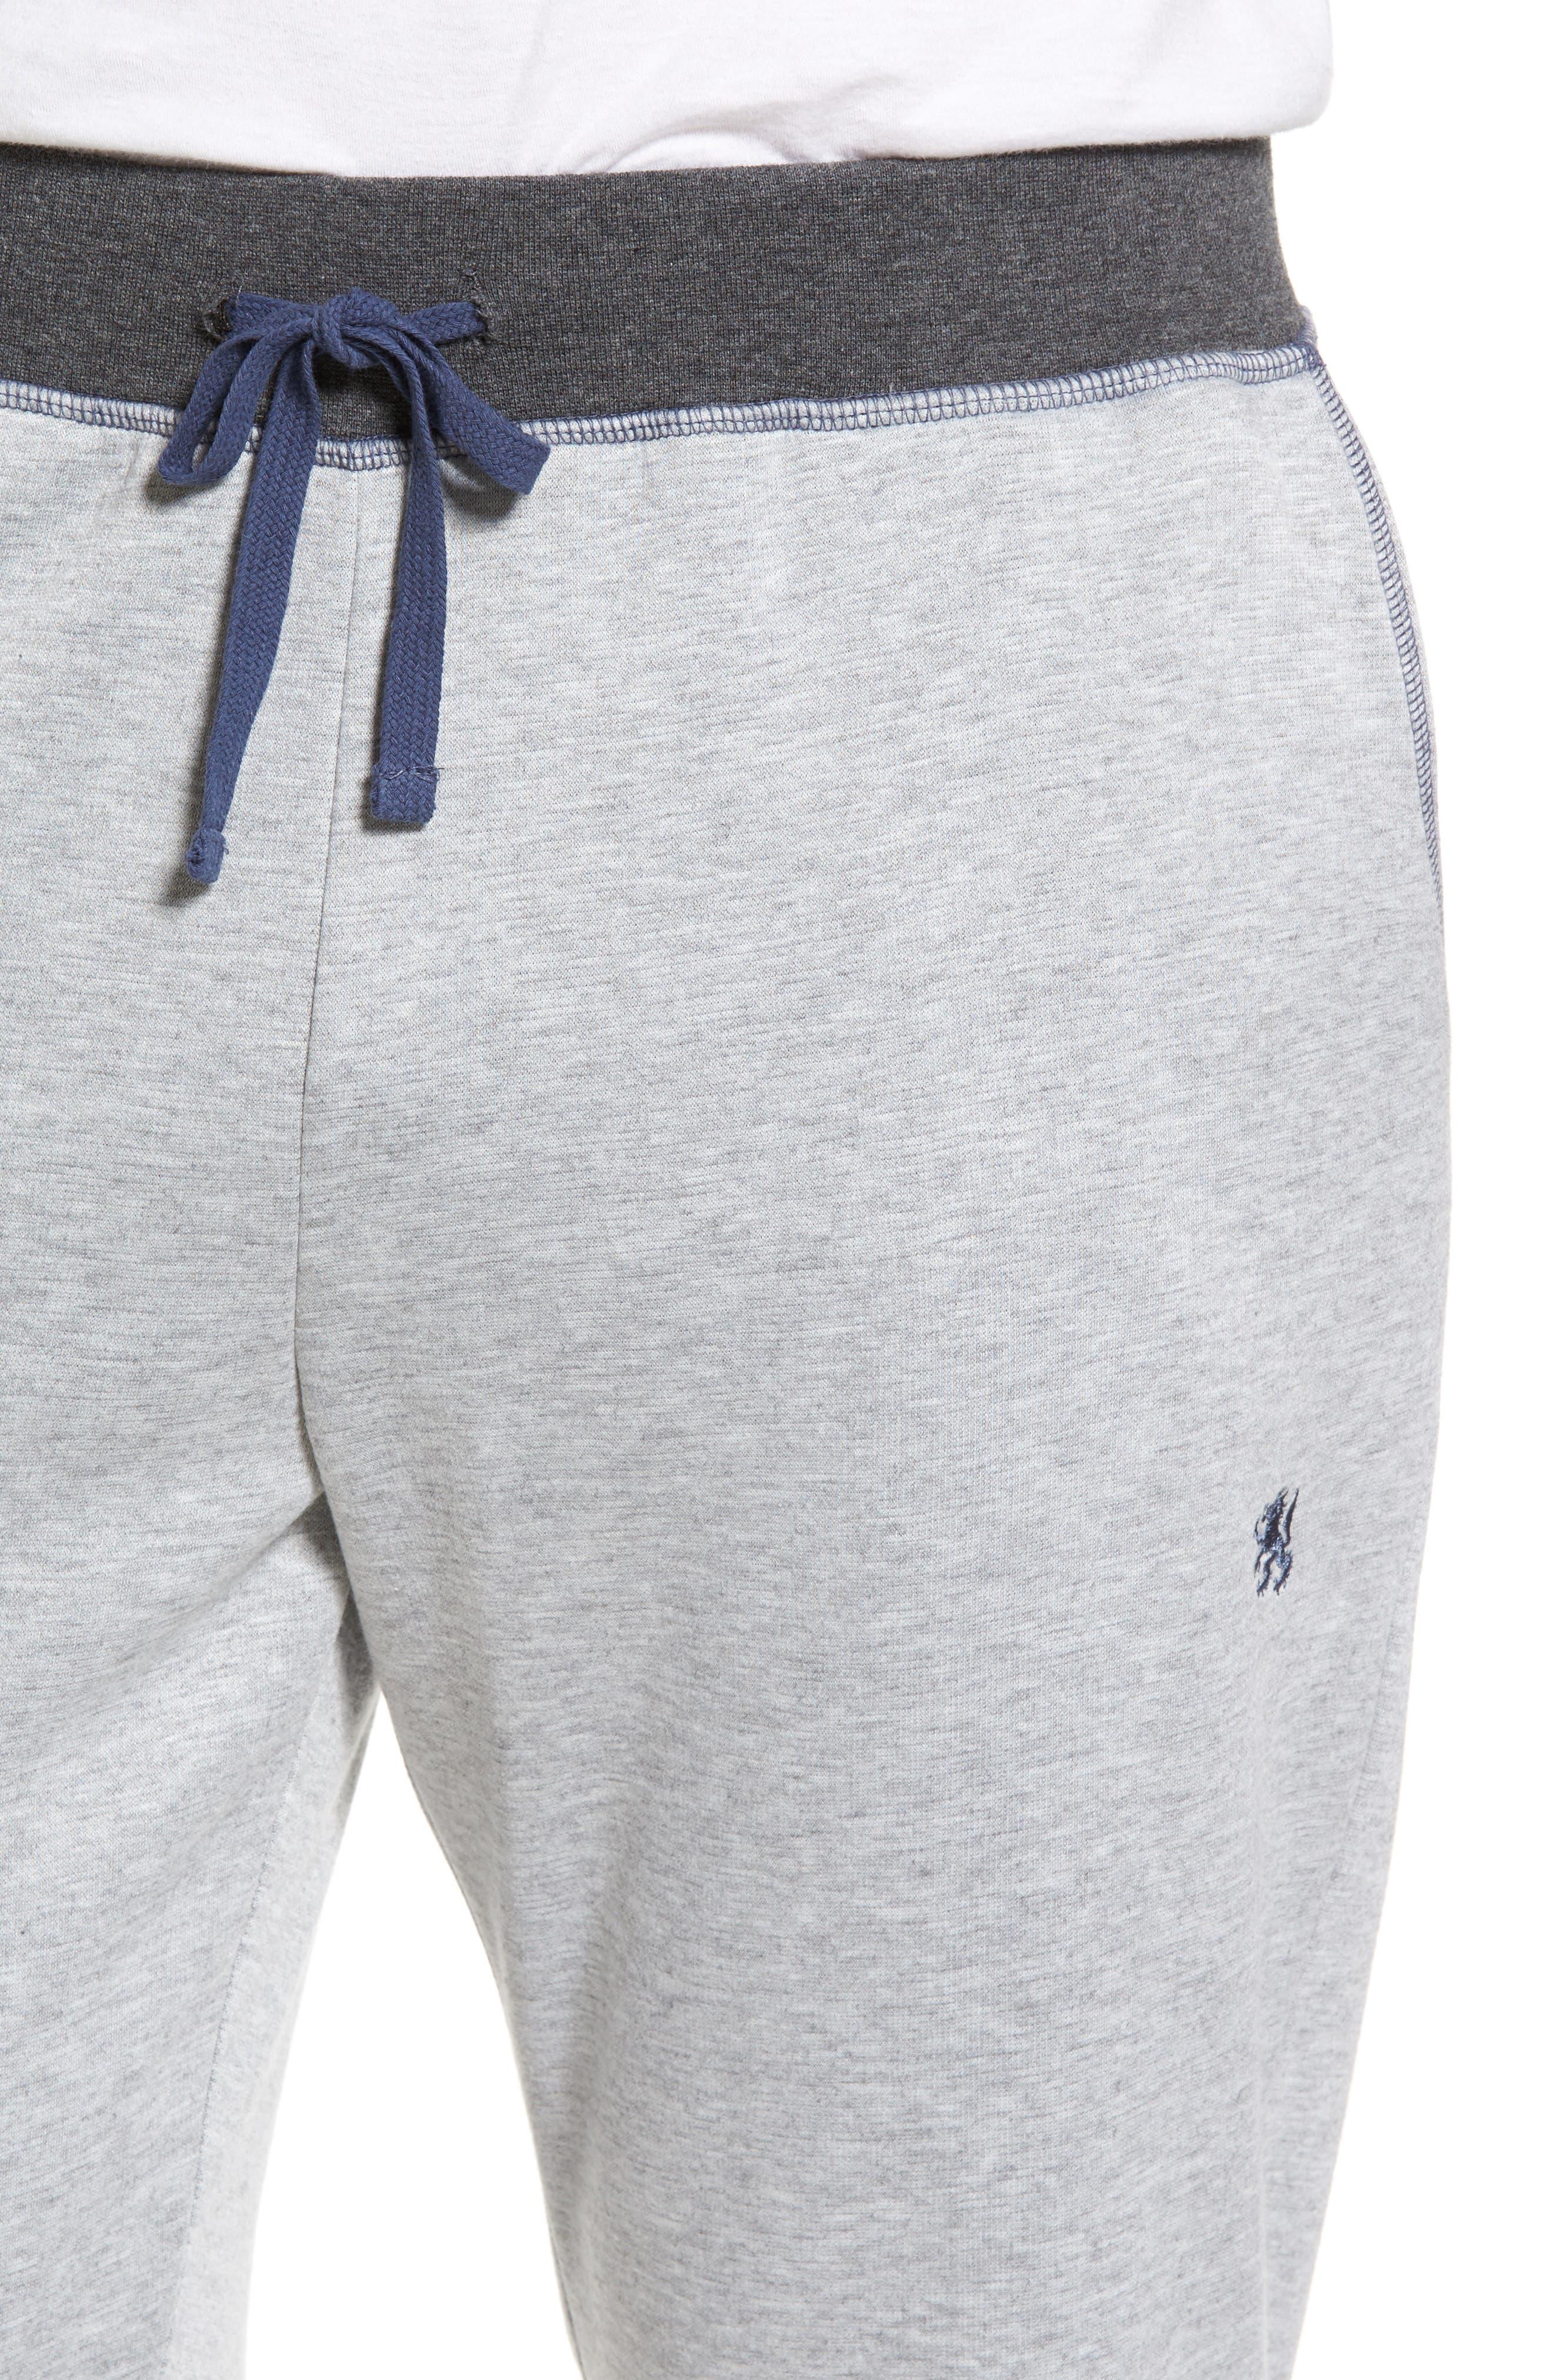 Double Take Knit Lounge Pants,                             Alternate thumbnail 4, color,                             Grey